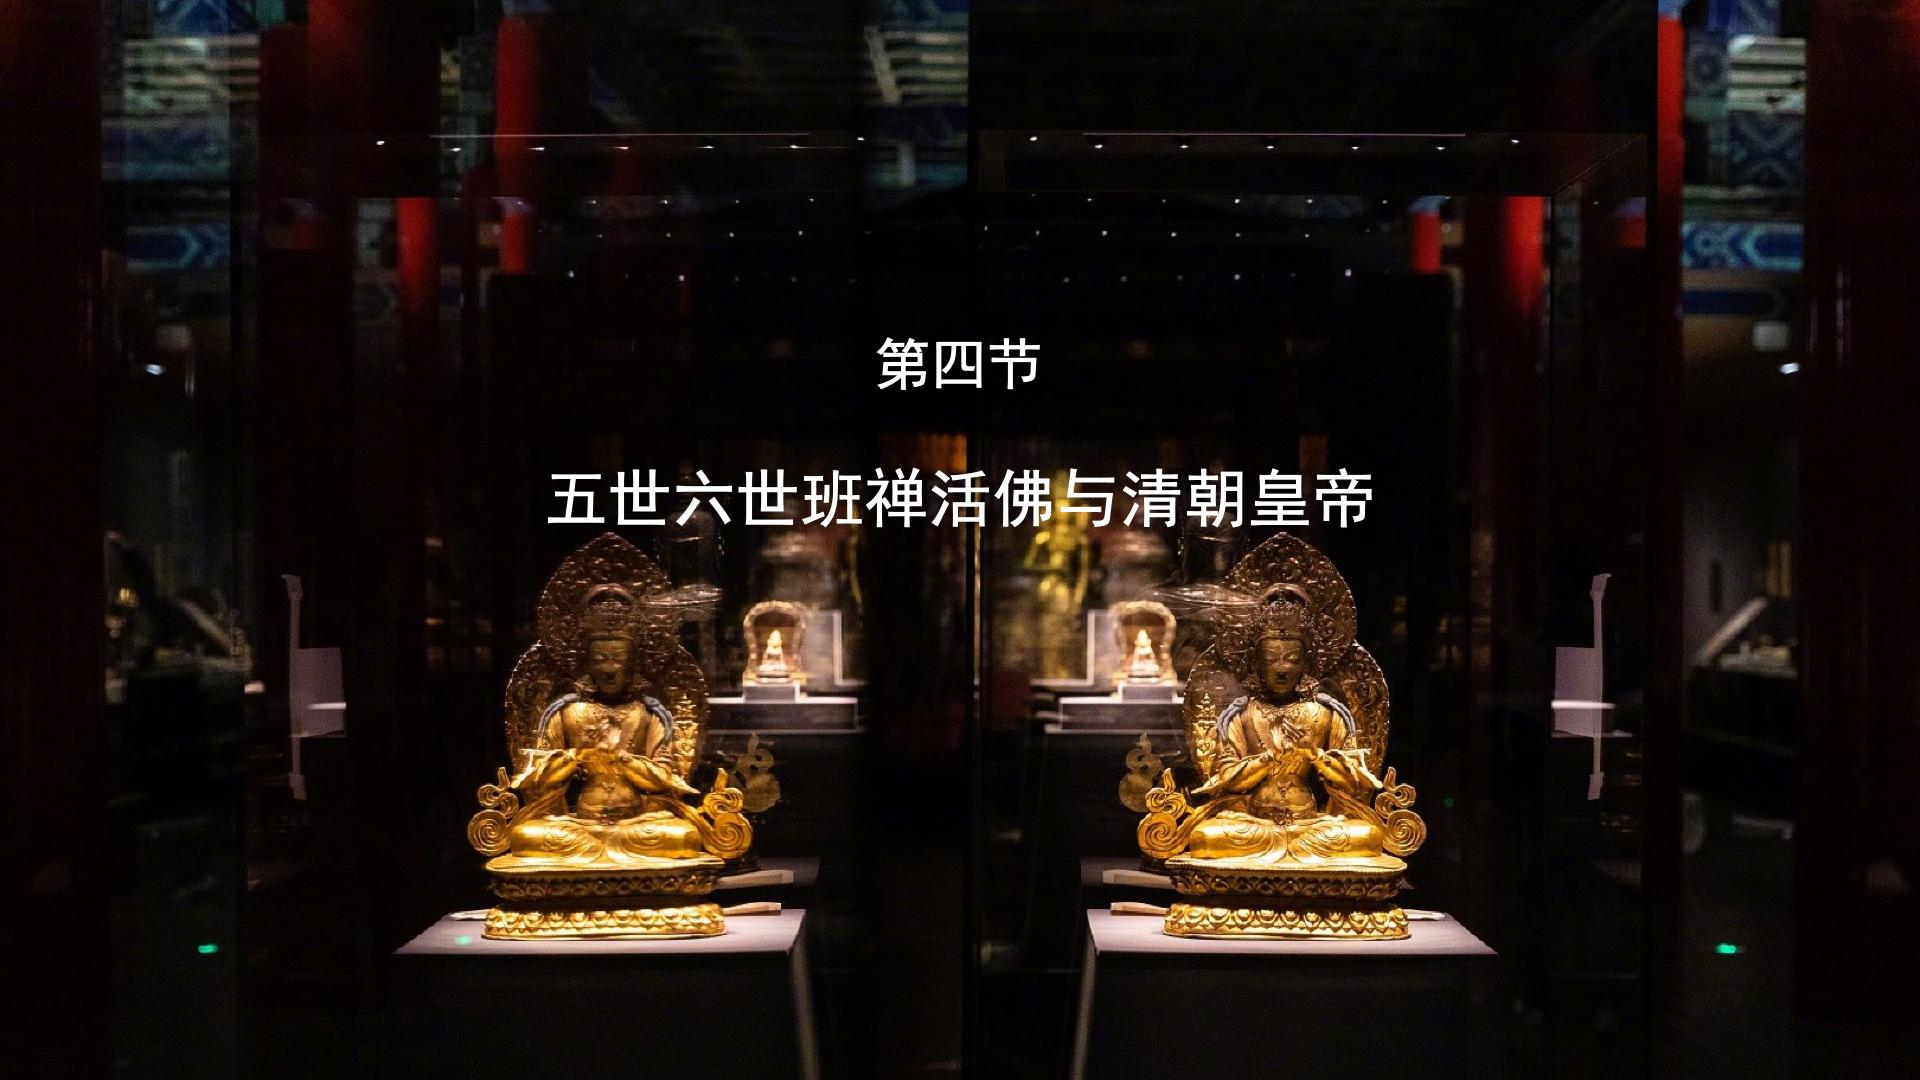 第四節:五世六世班禪活佛與清朝皇帝